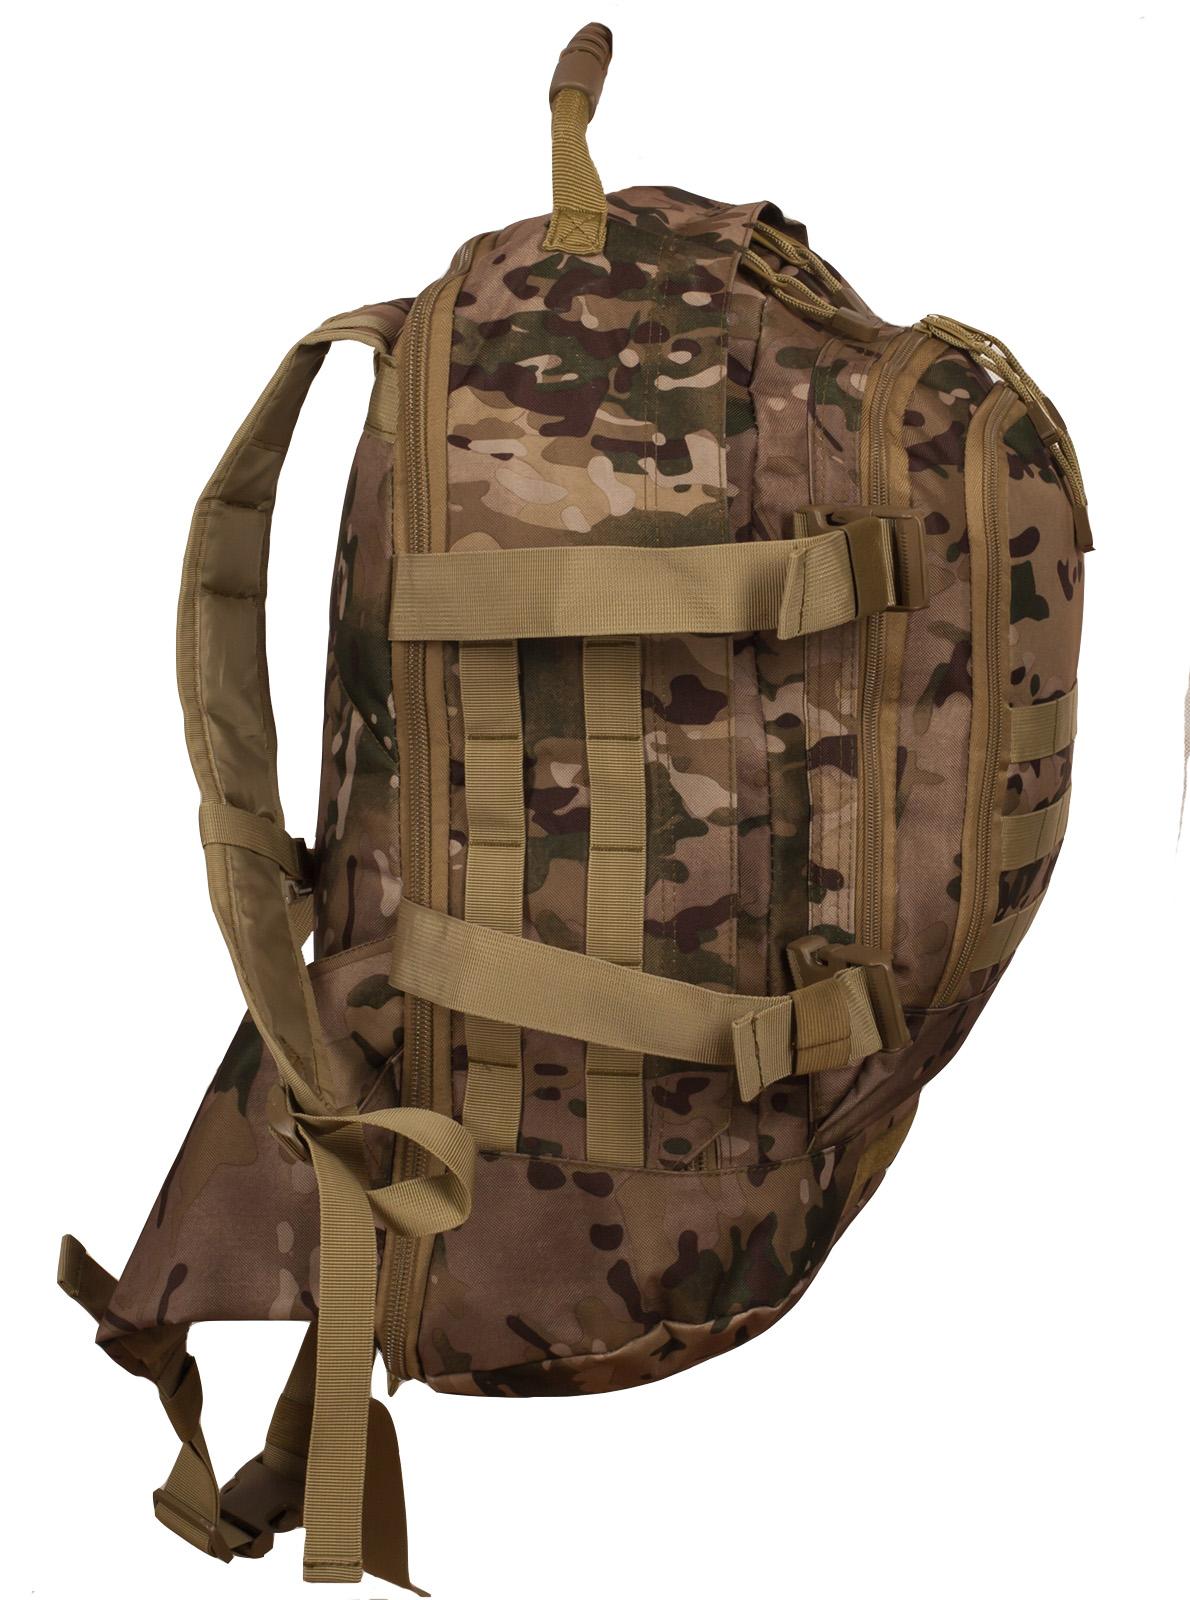 Заказать камуфляжный тактический рюкзак с шевроном Охотничьего спецназа